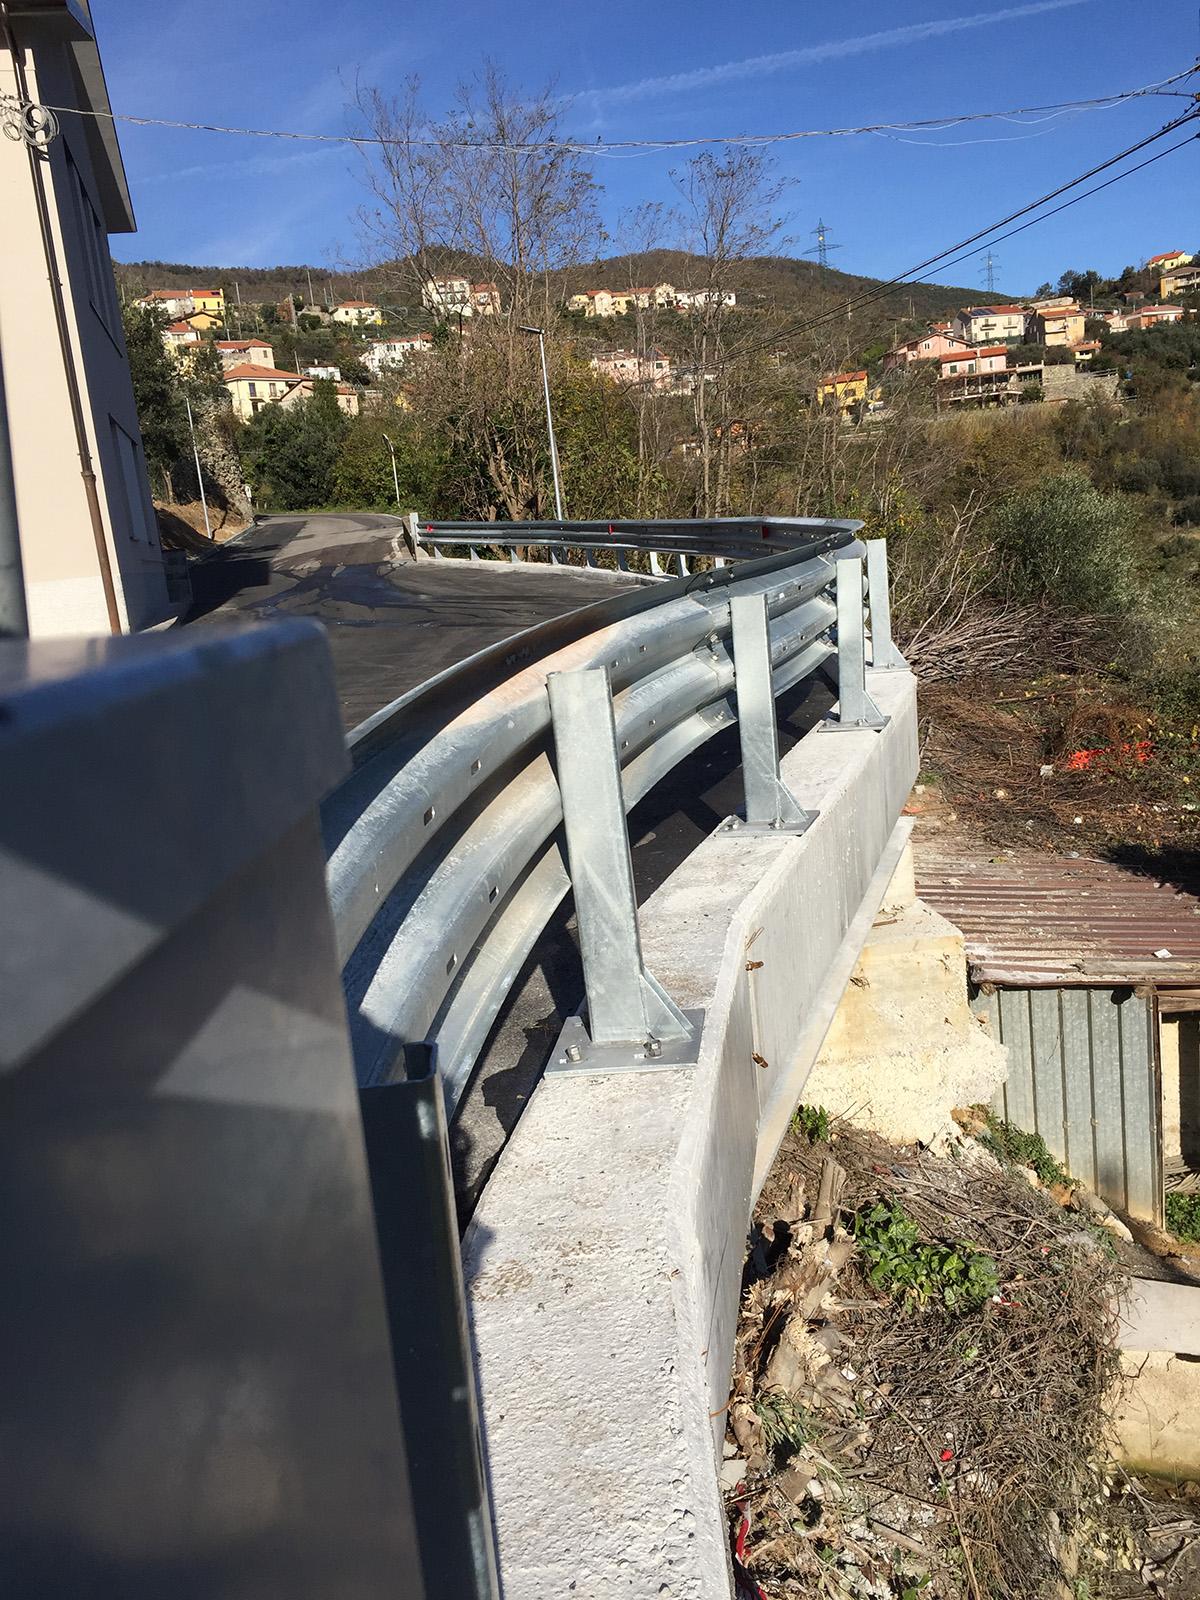 Perico-Renato-Vado Ligure (SV) - Recupero edificio ex scuole 10